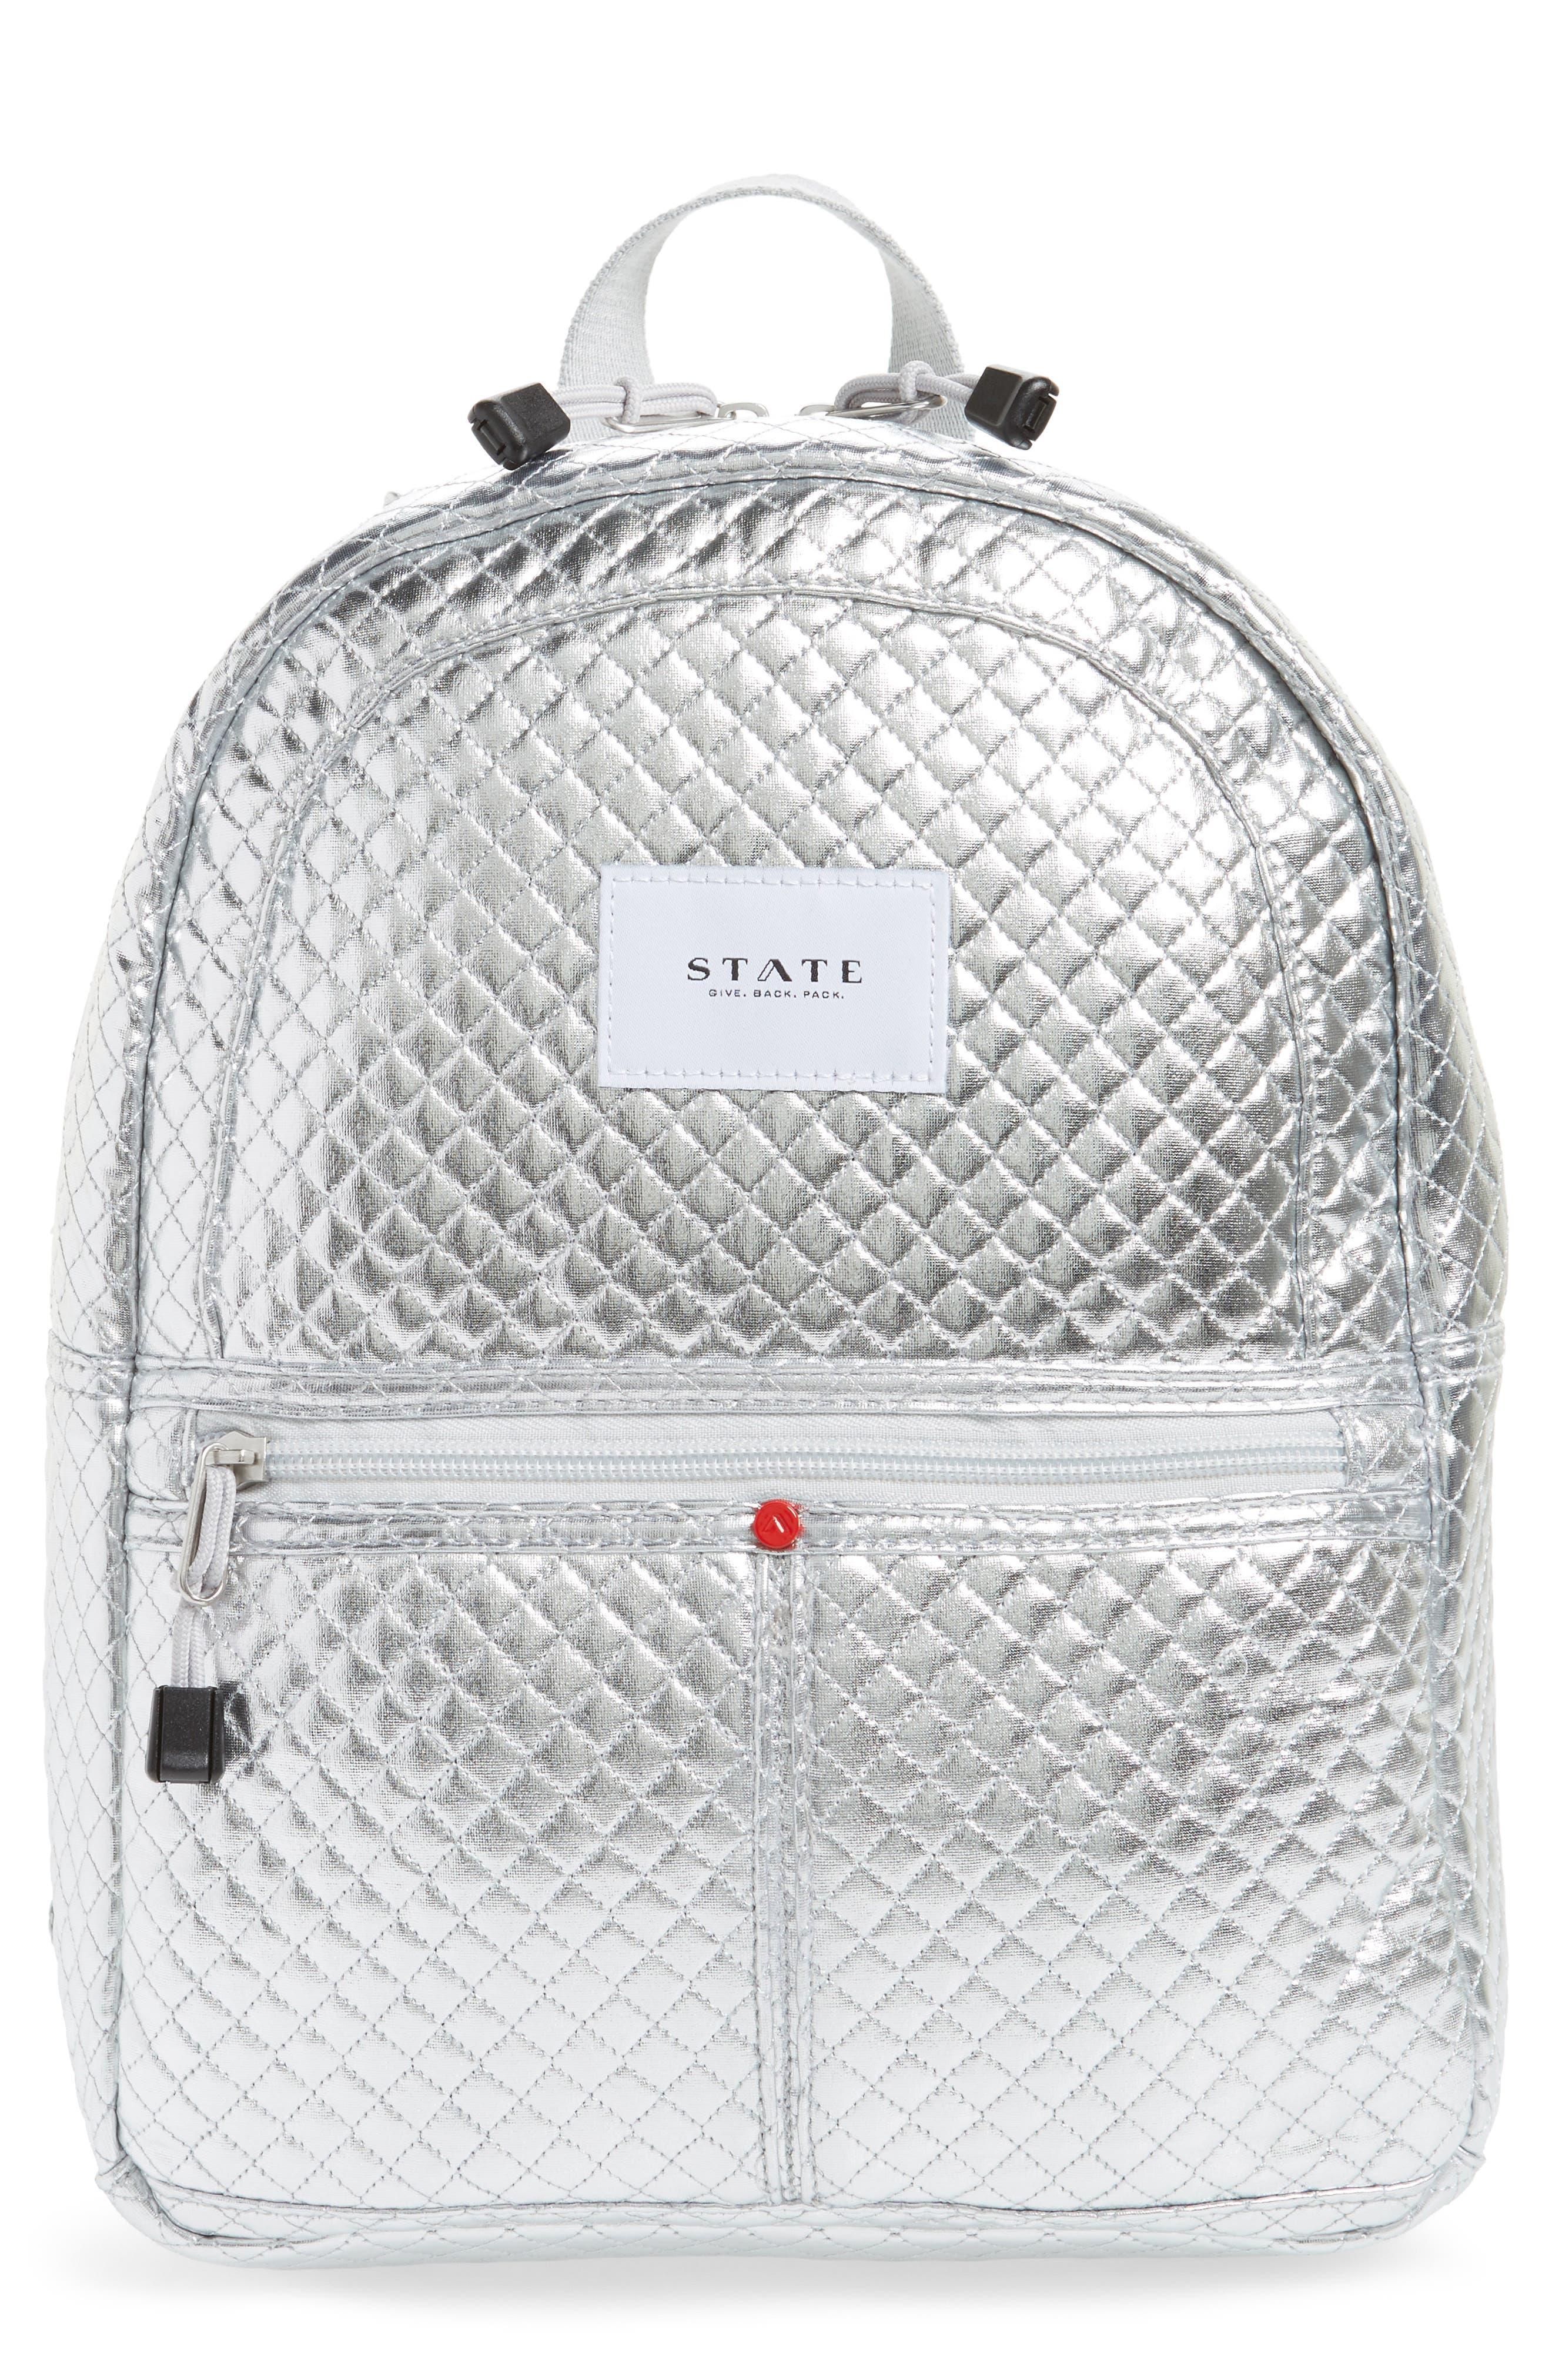 Flatbush Mini Kane Backpack,                             Main thumbnail 1, color,